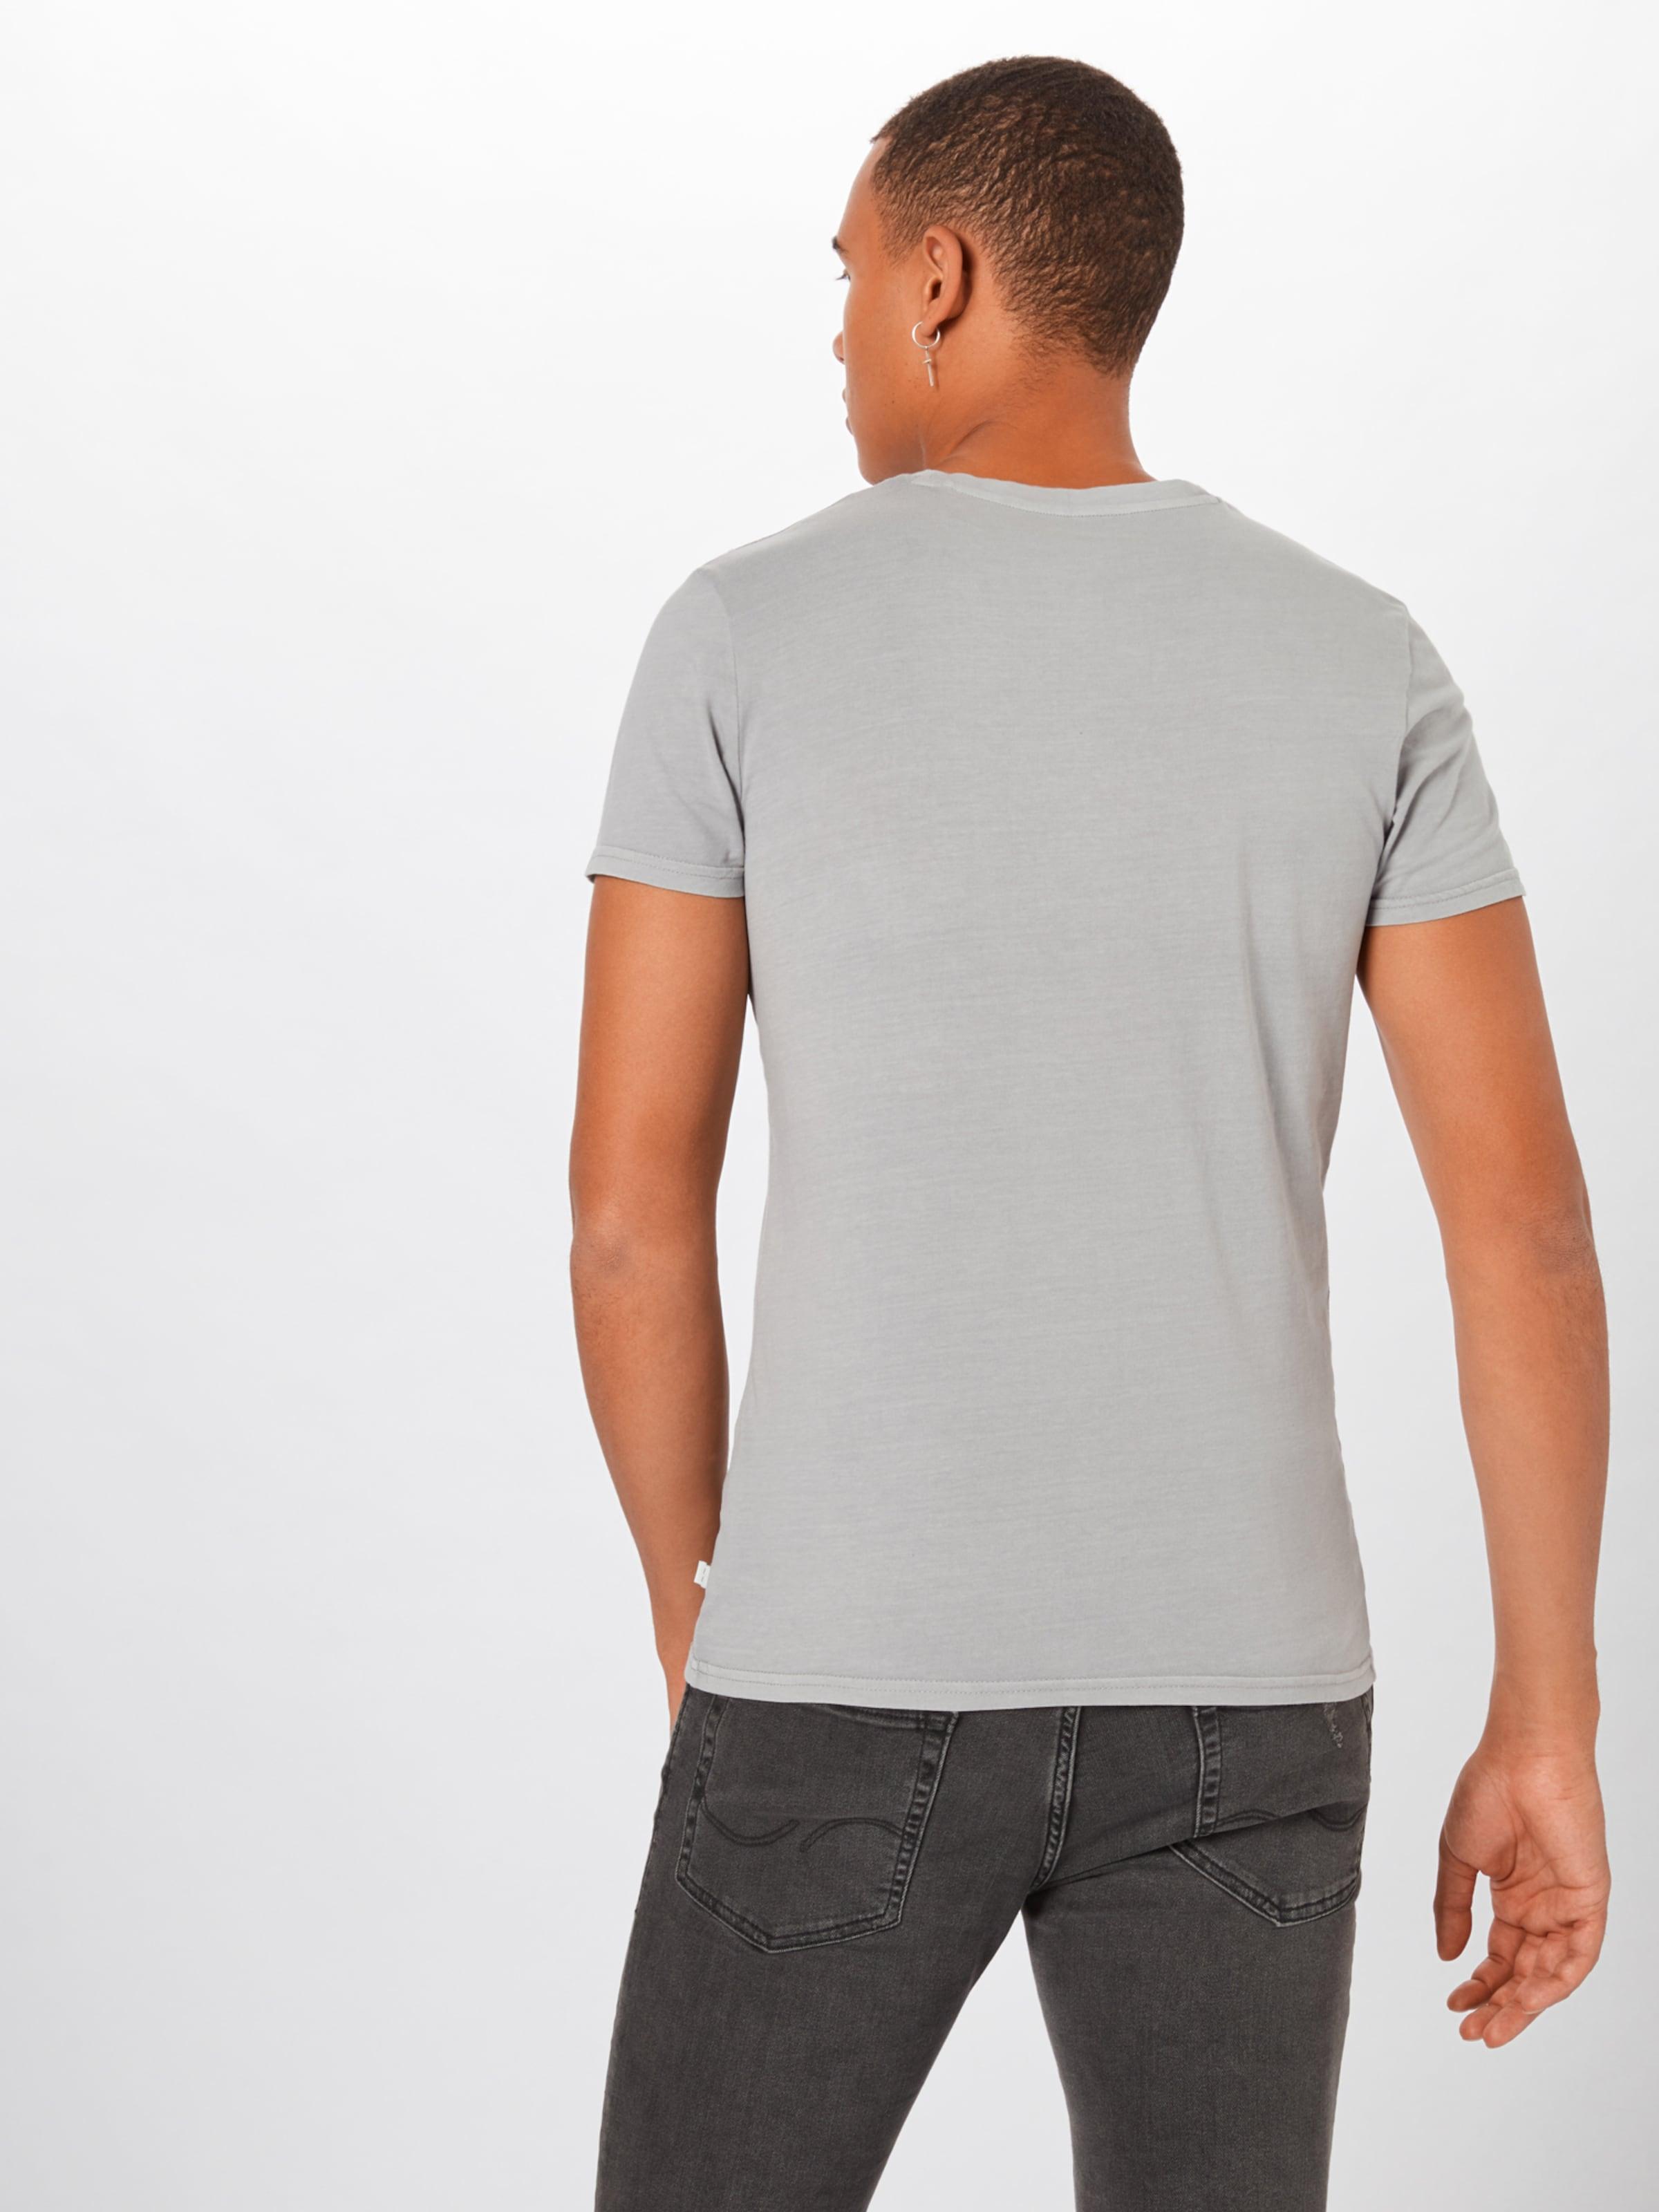 Designed By Q T shirt s En GrisNoir Pnk8X0Ow